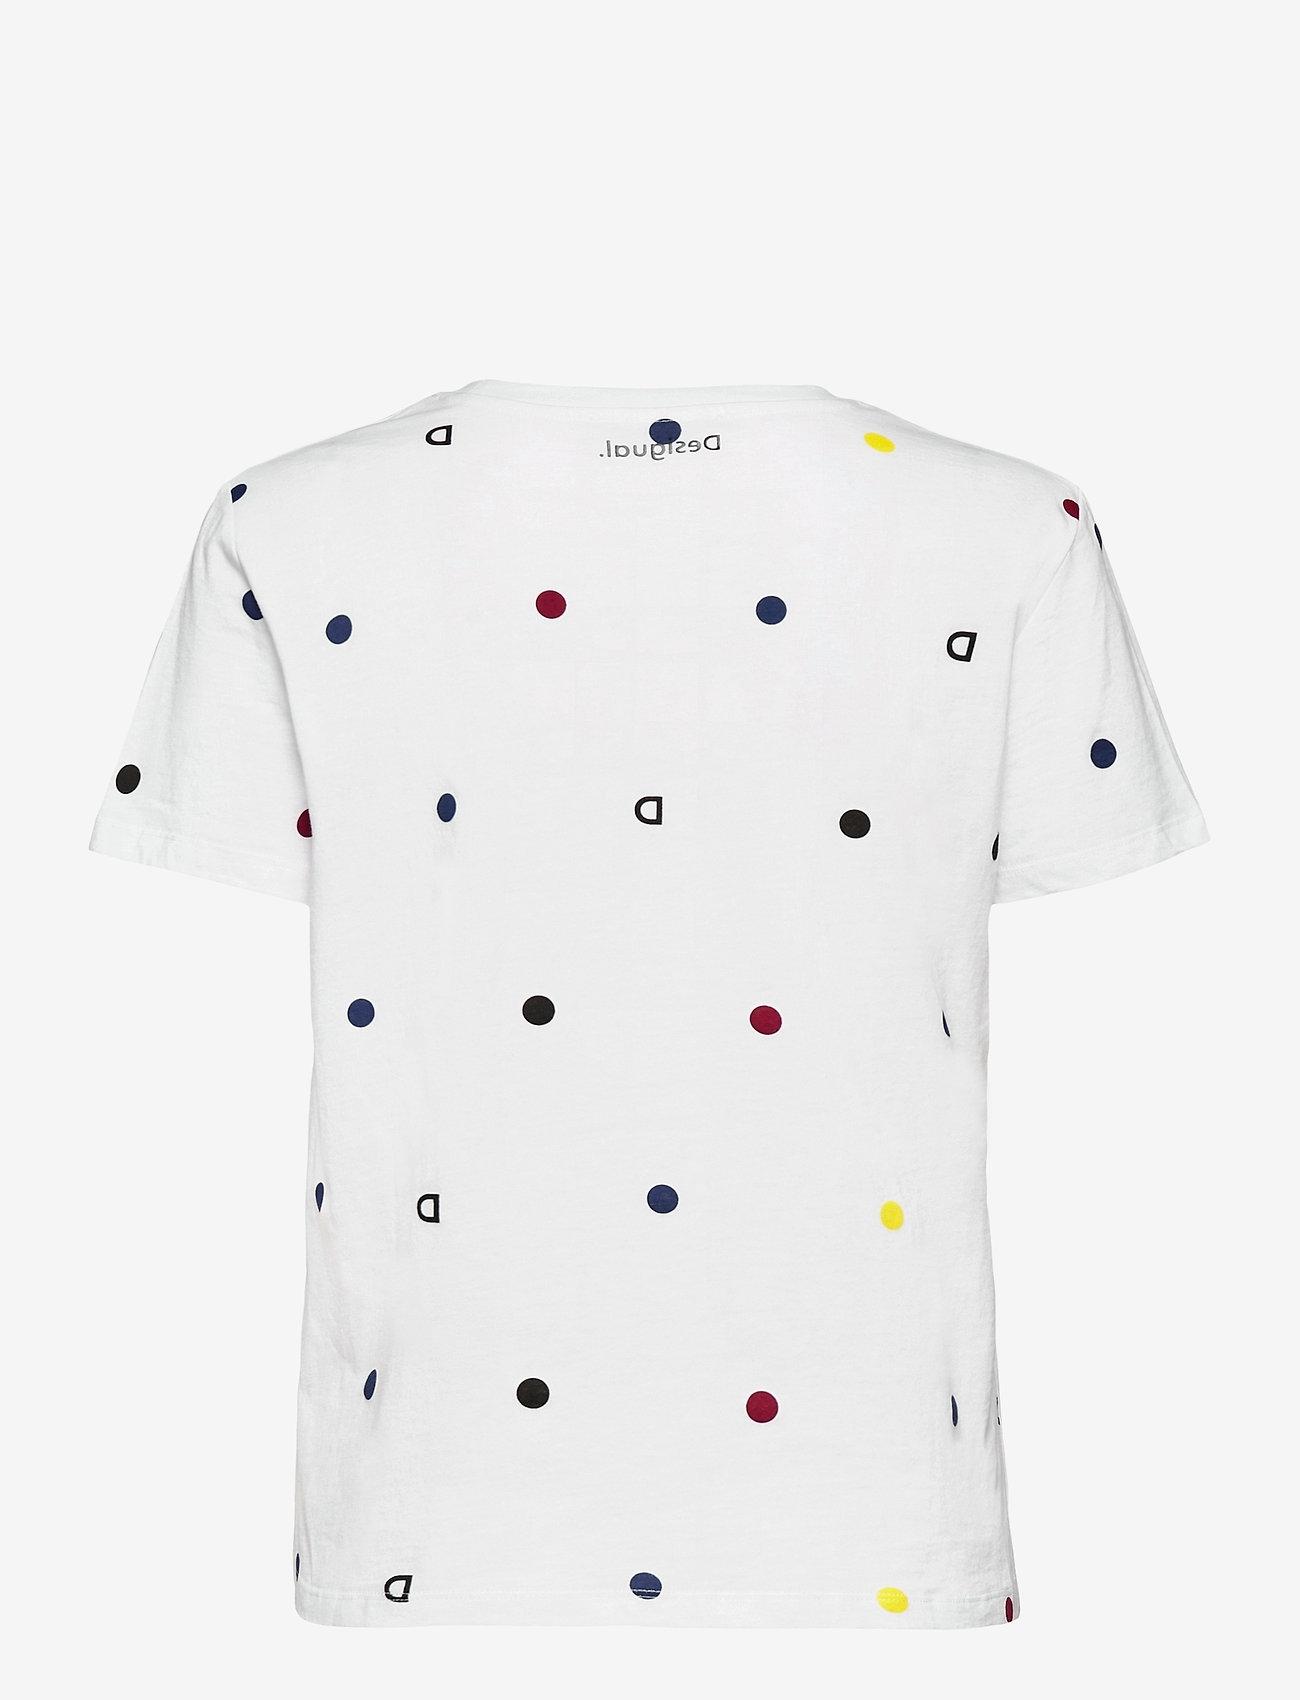 Desigual - TS NOW - t-shirts - blanco - 1